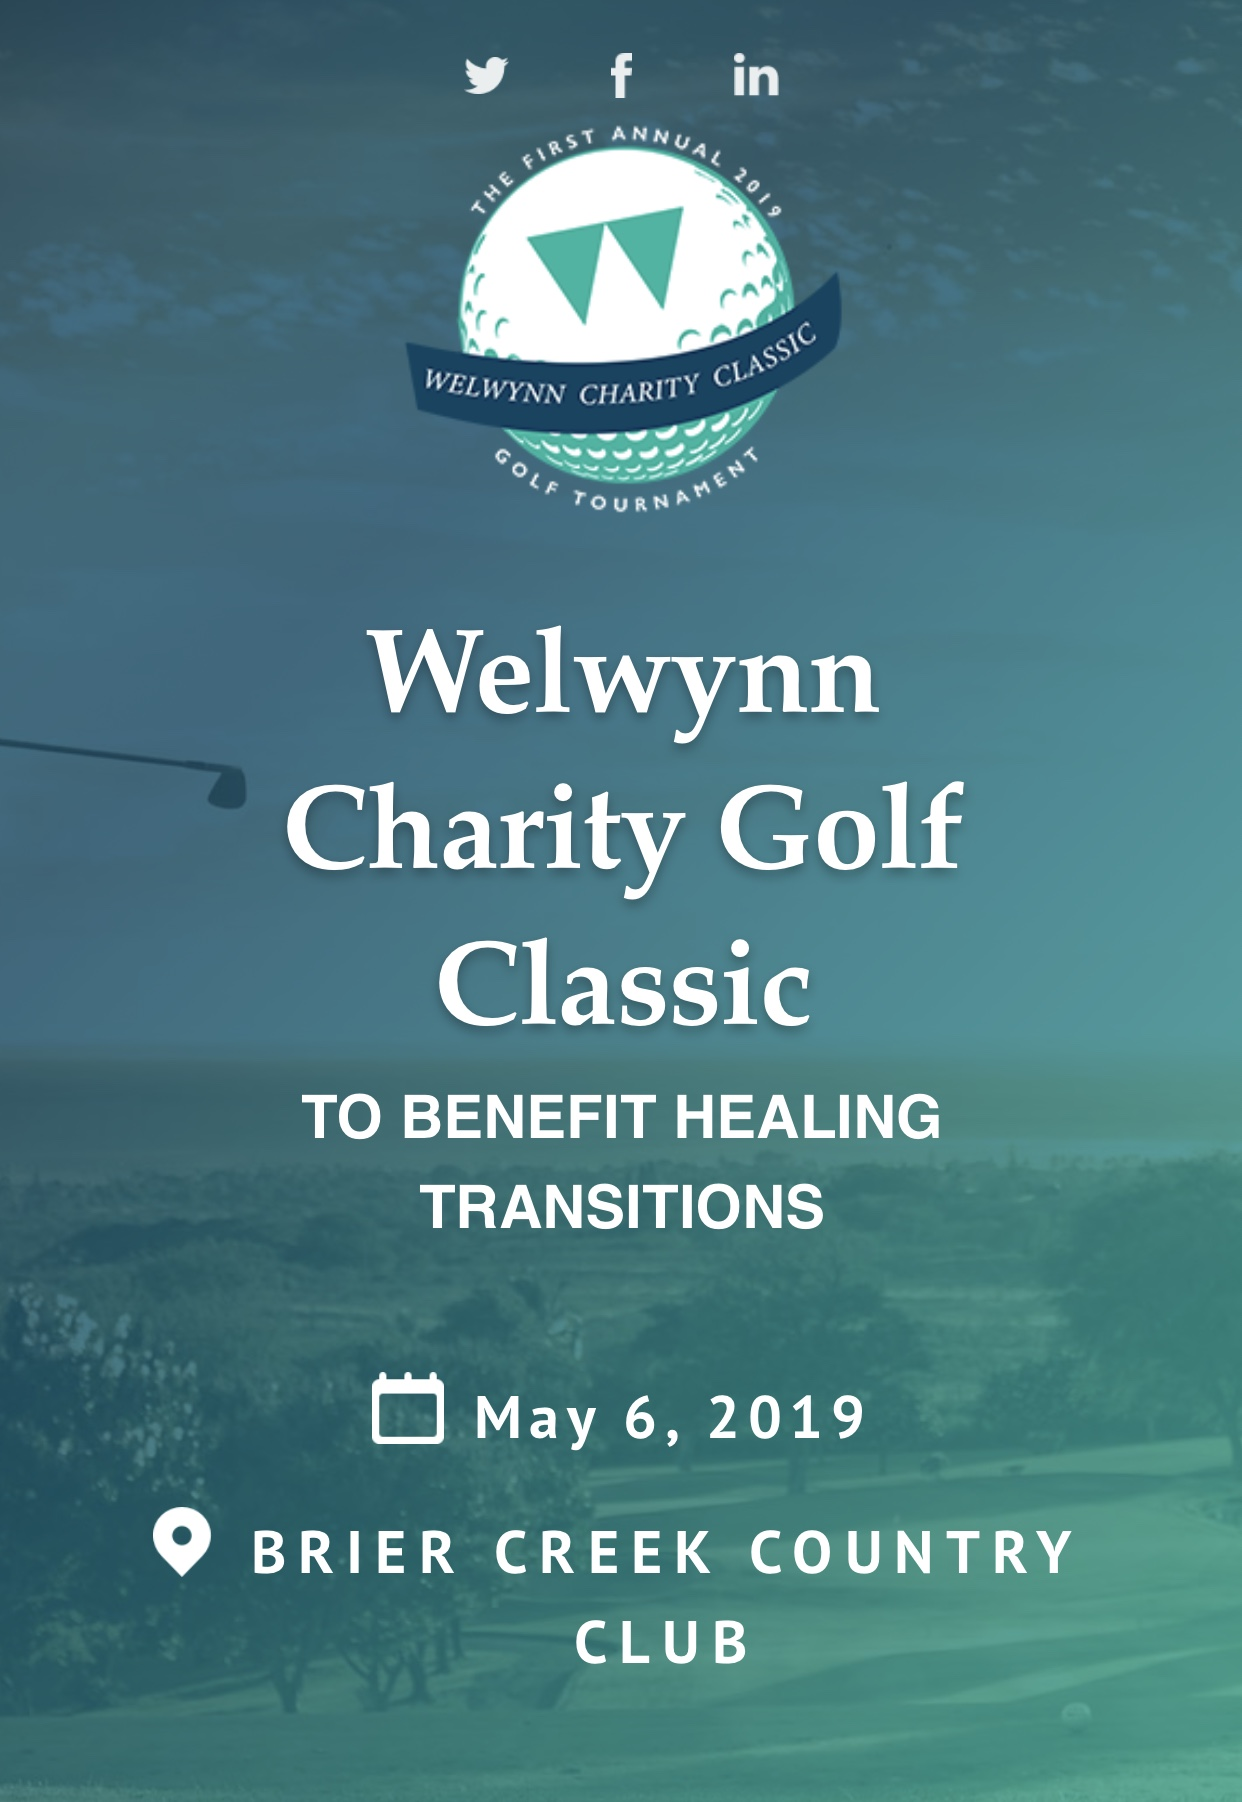 Welwynn Charity Golf Classic